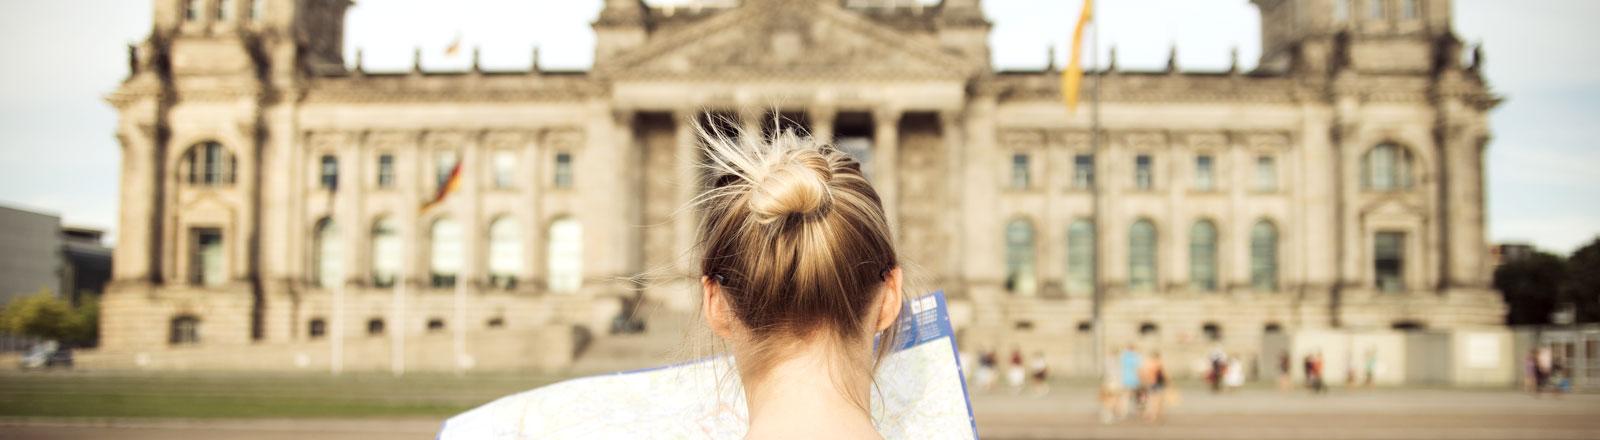 Junge Frau mit Stadtplan vor der Berliner Reichstag